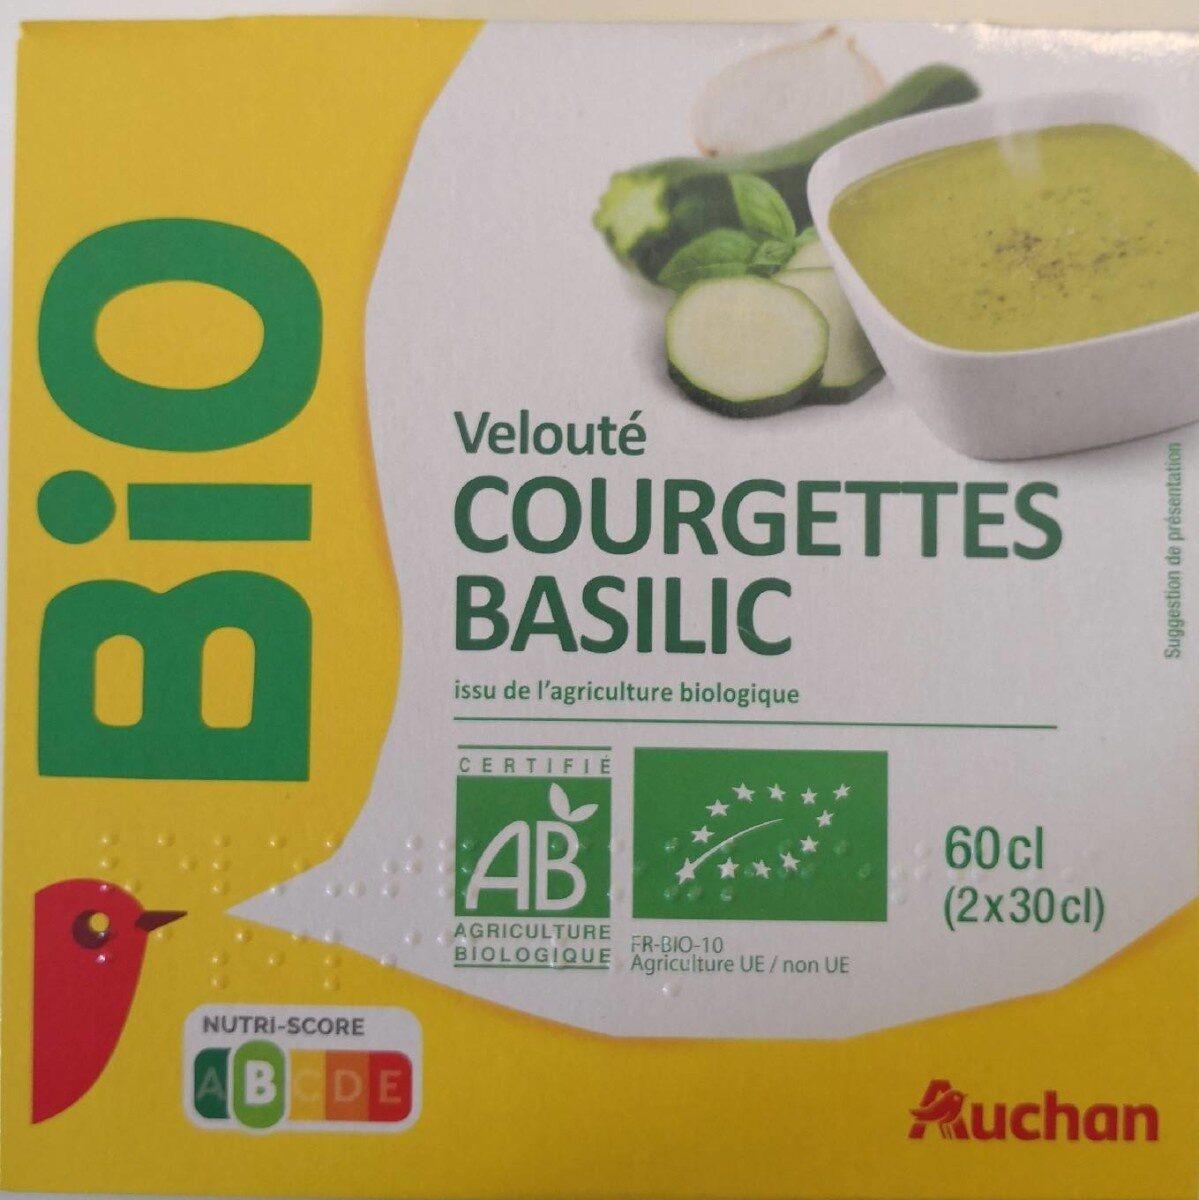 Velouté courgettes basilic - Produit - fr